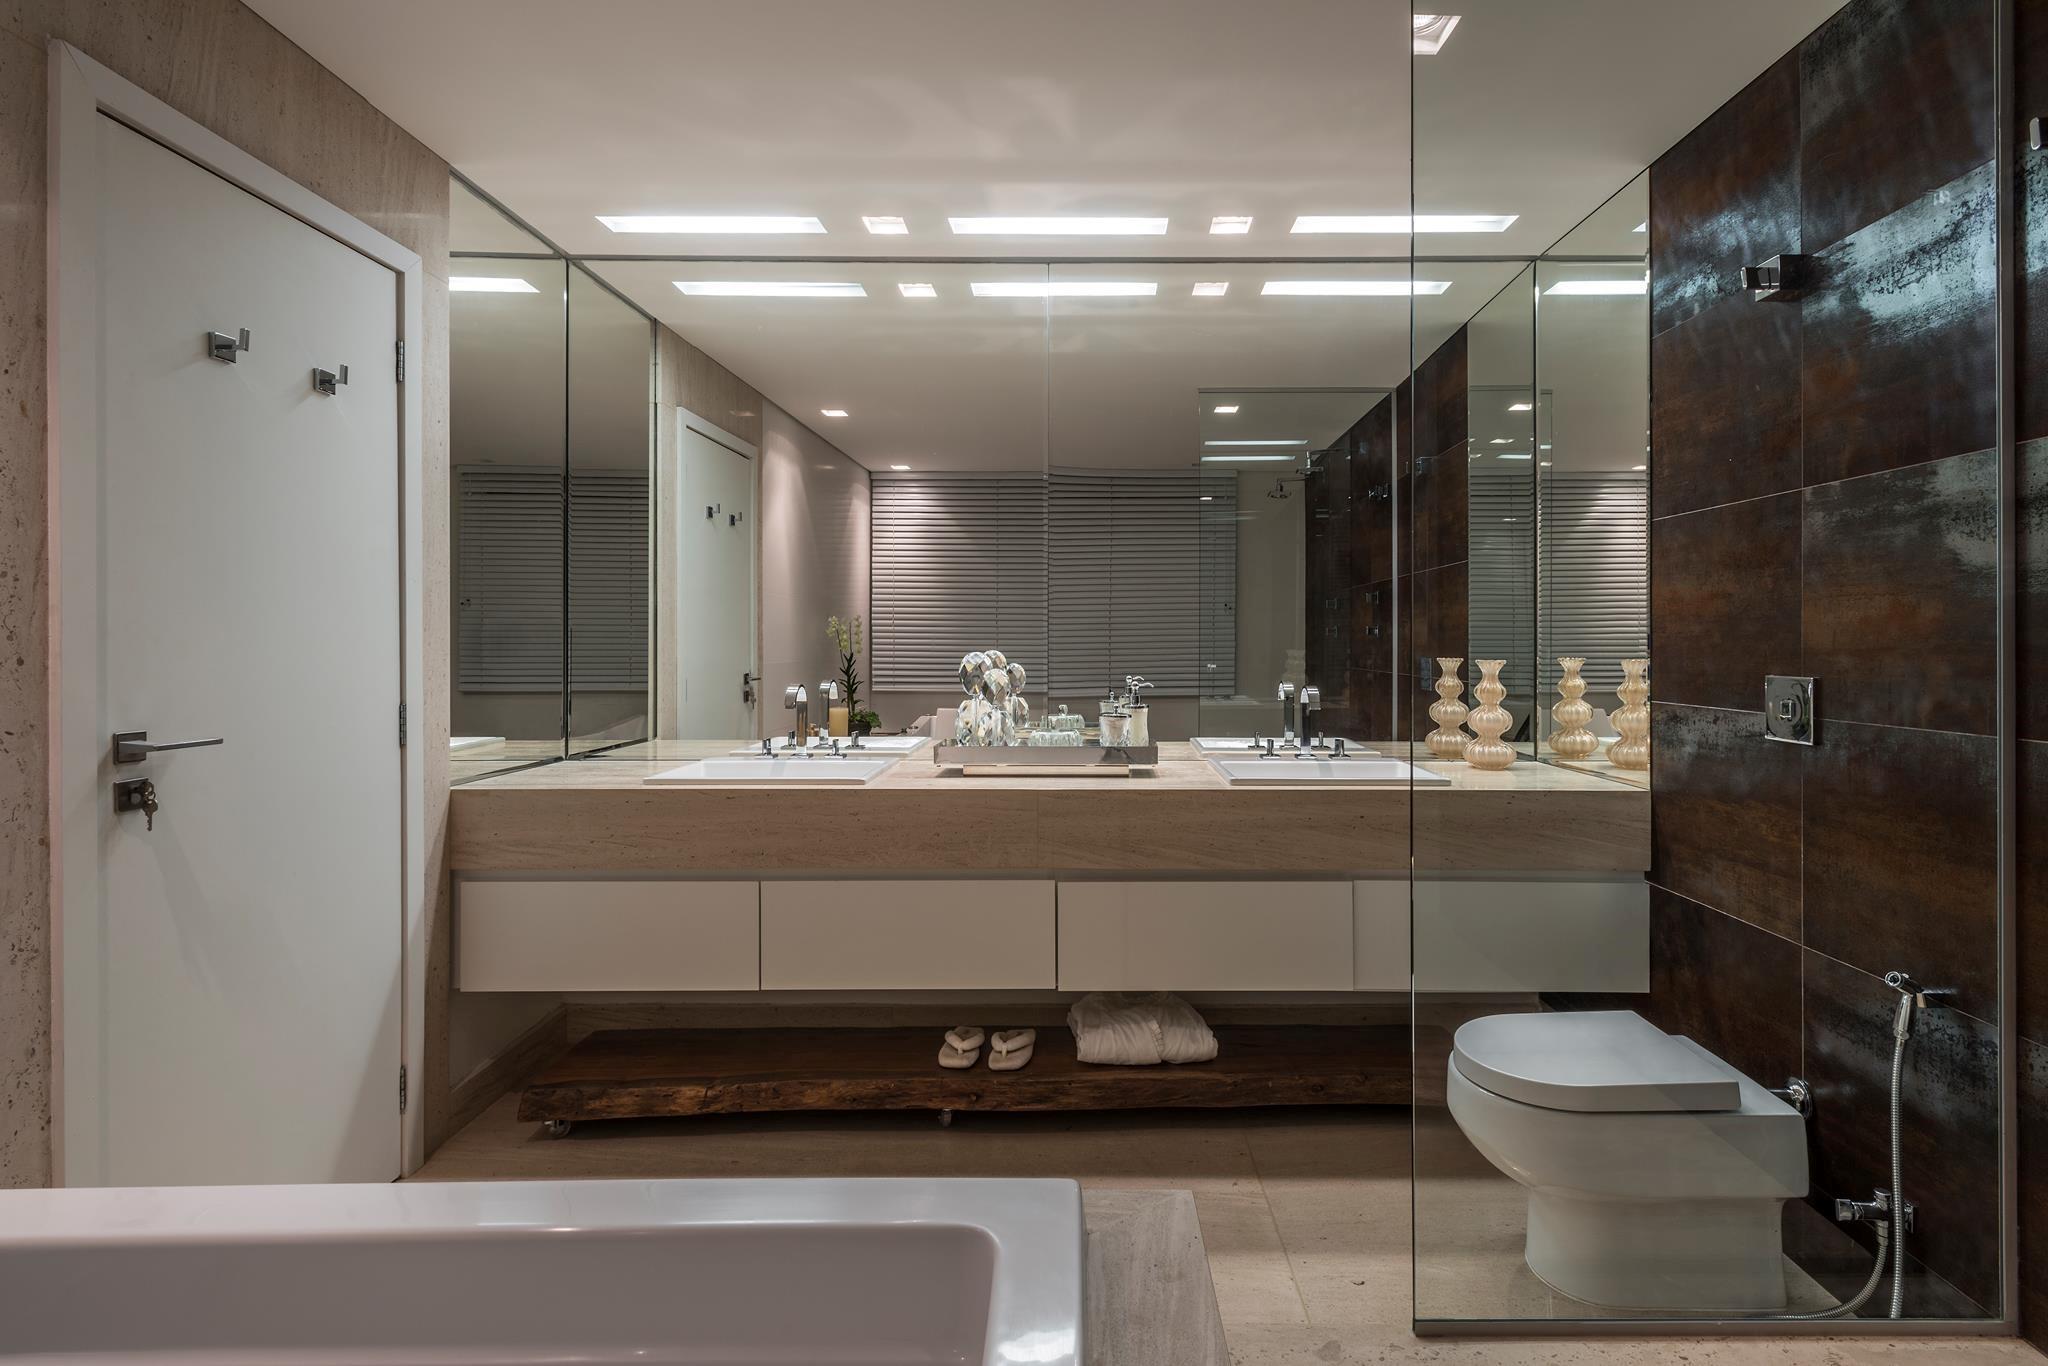 Banheiro com porcelanato de madeira: Box, Revestido, Decorado! 1